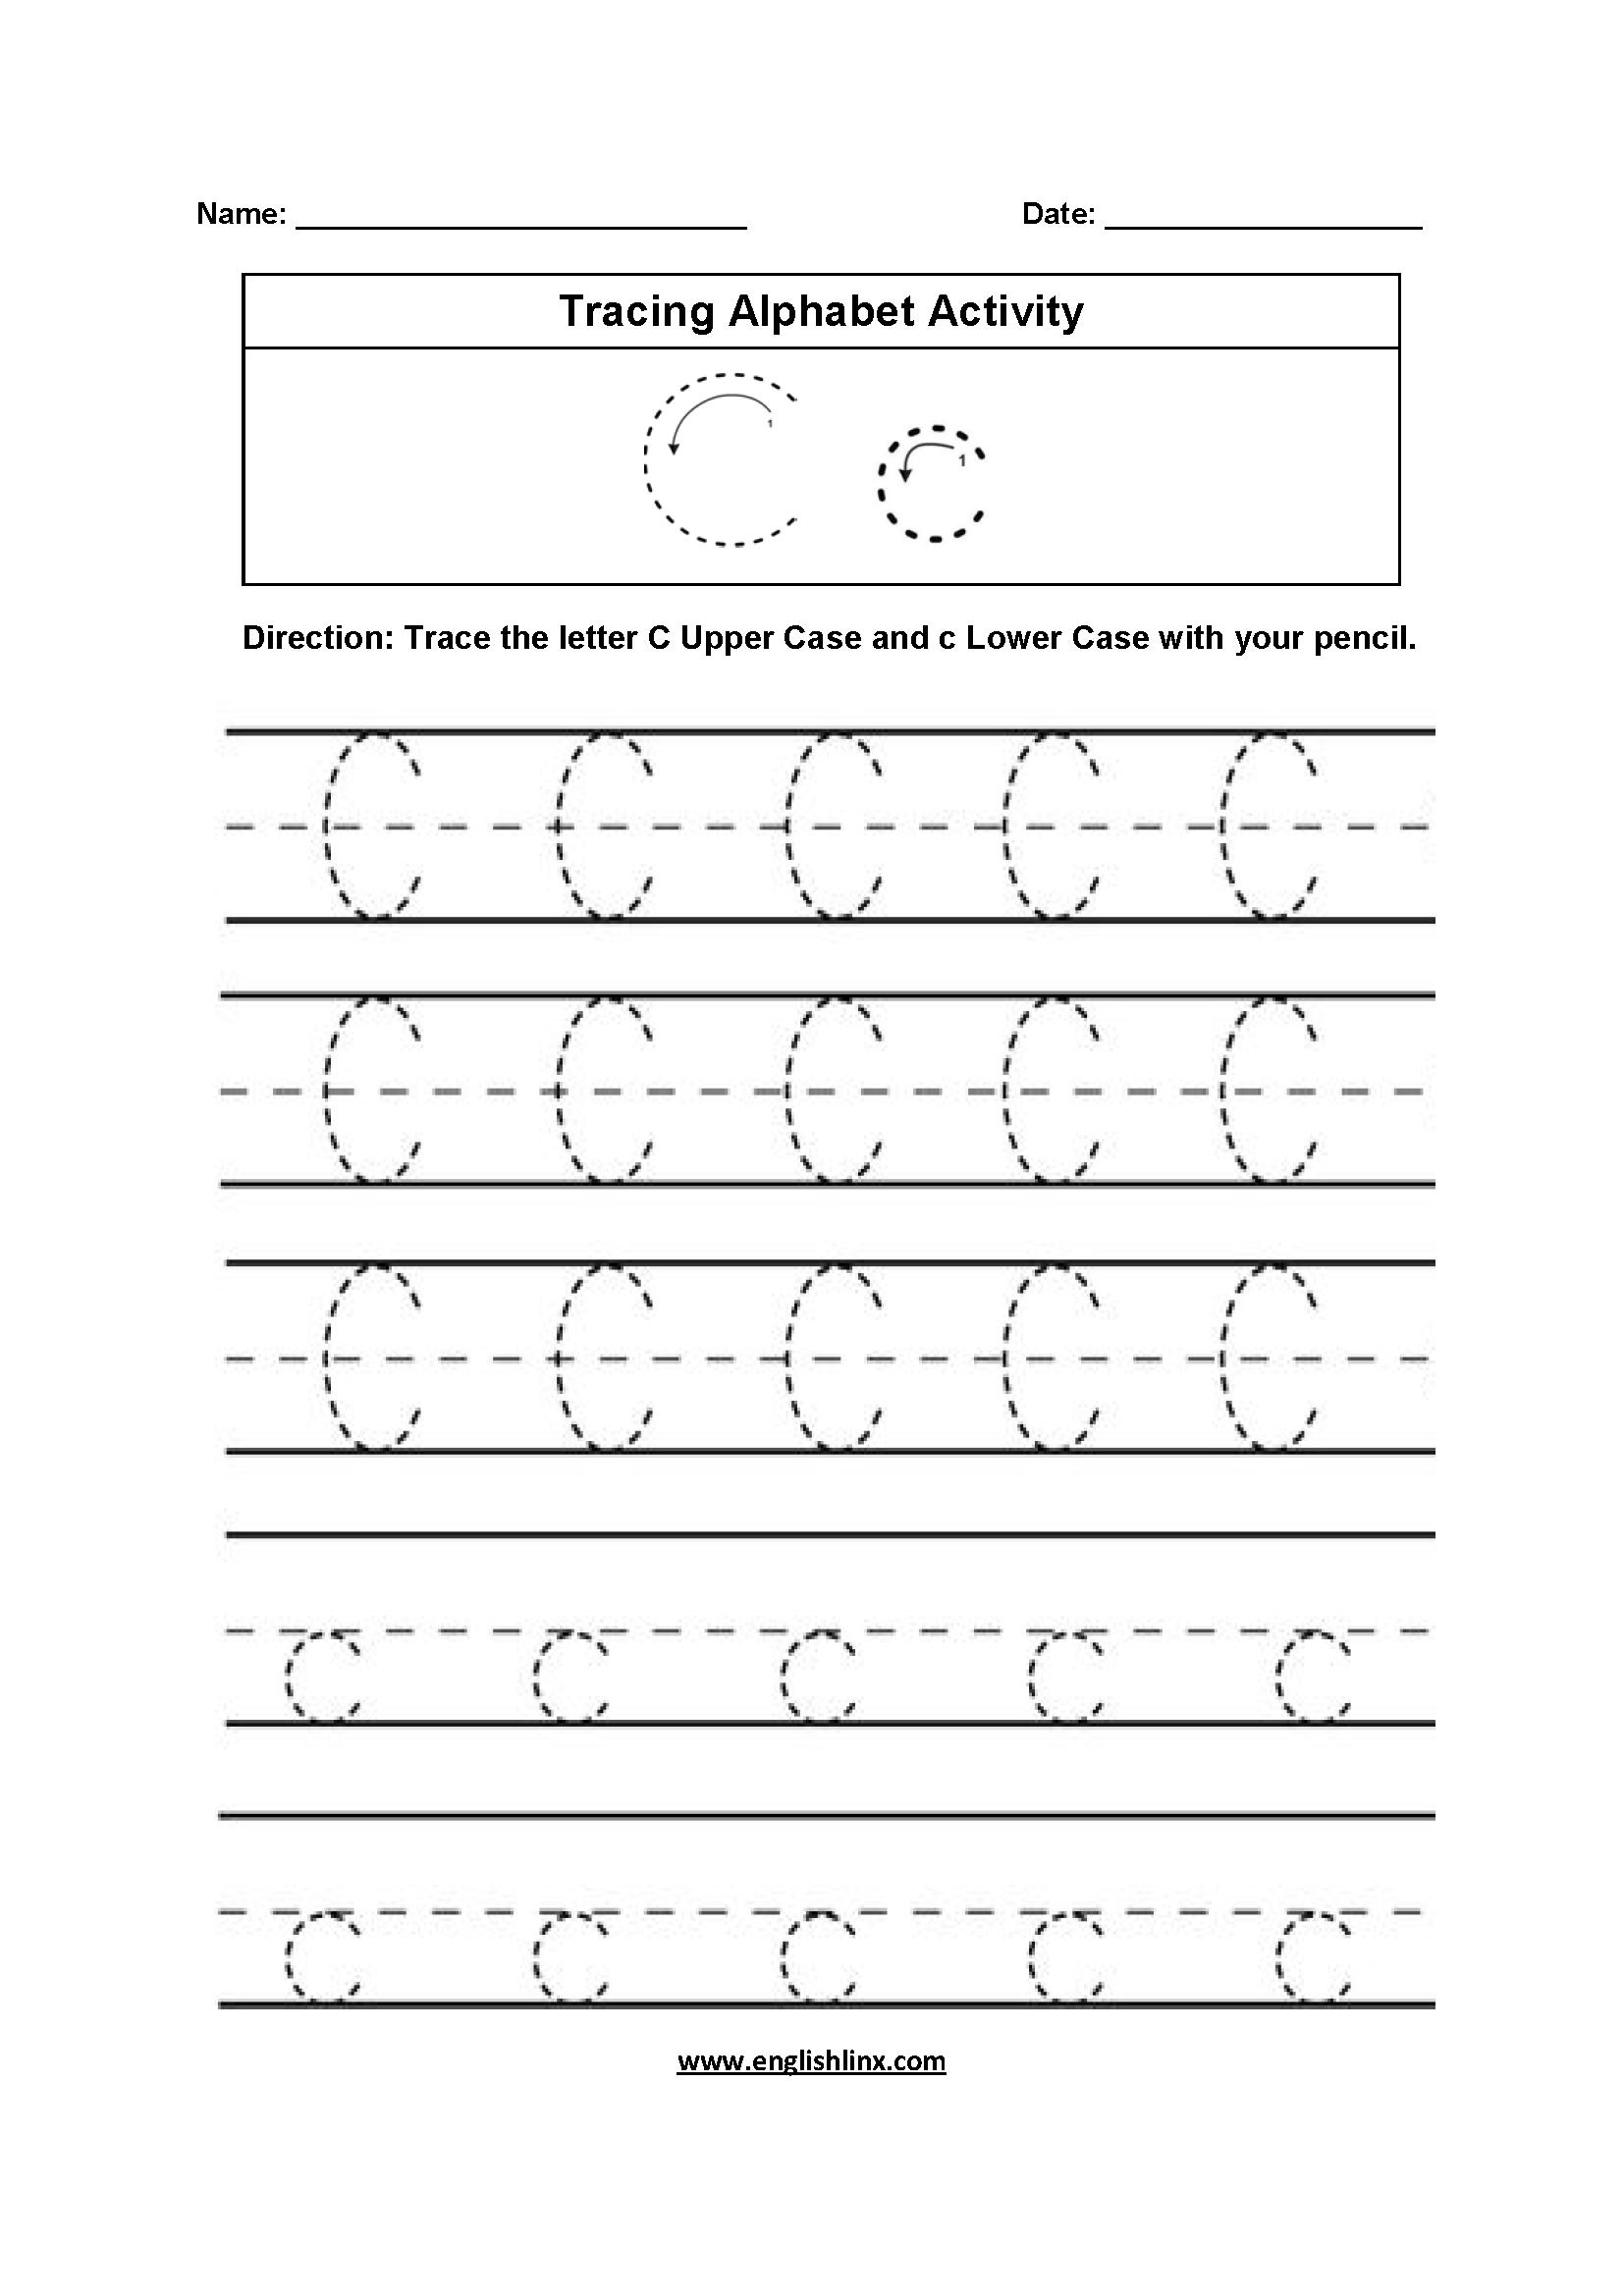 Alphabet Worksheets | Tracing Alphabet Worksheets for Letter C Worksheets Pdf